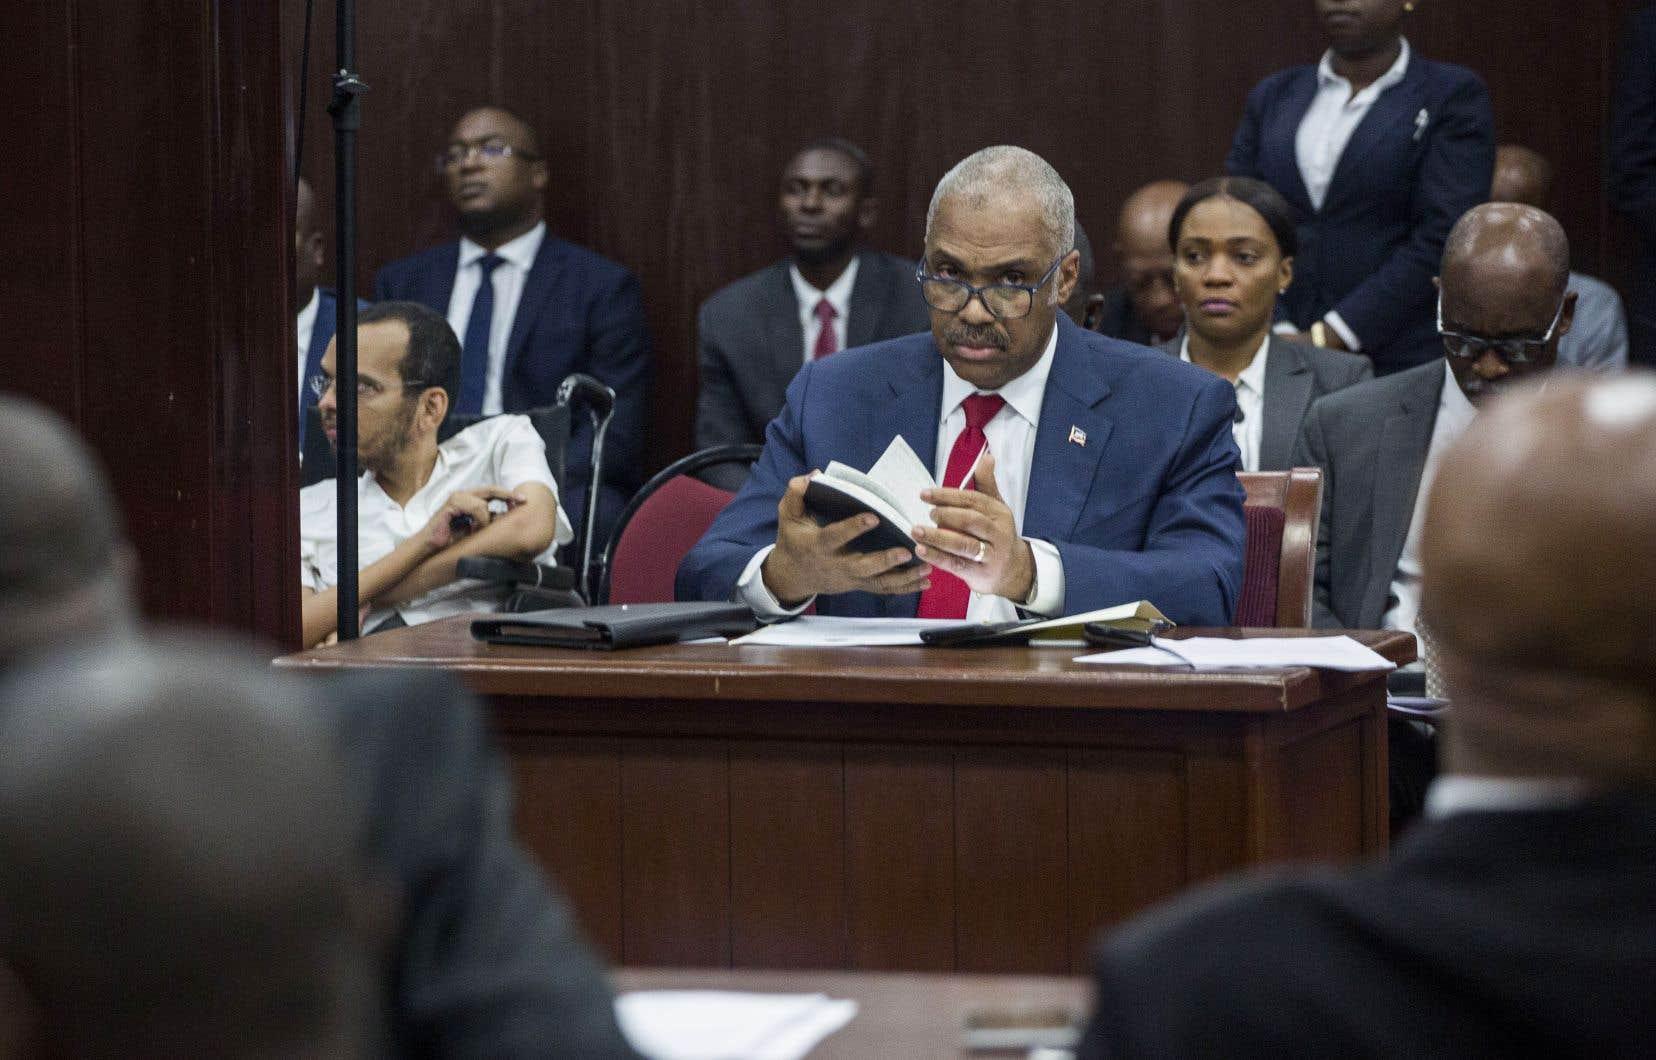 Le premier ministre haïtien Jack Guy Lafontant a annoncé samedi avoir démissionné dans une déclaration à la tribune de la Chambre des députés.